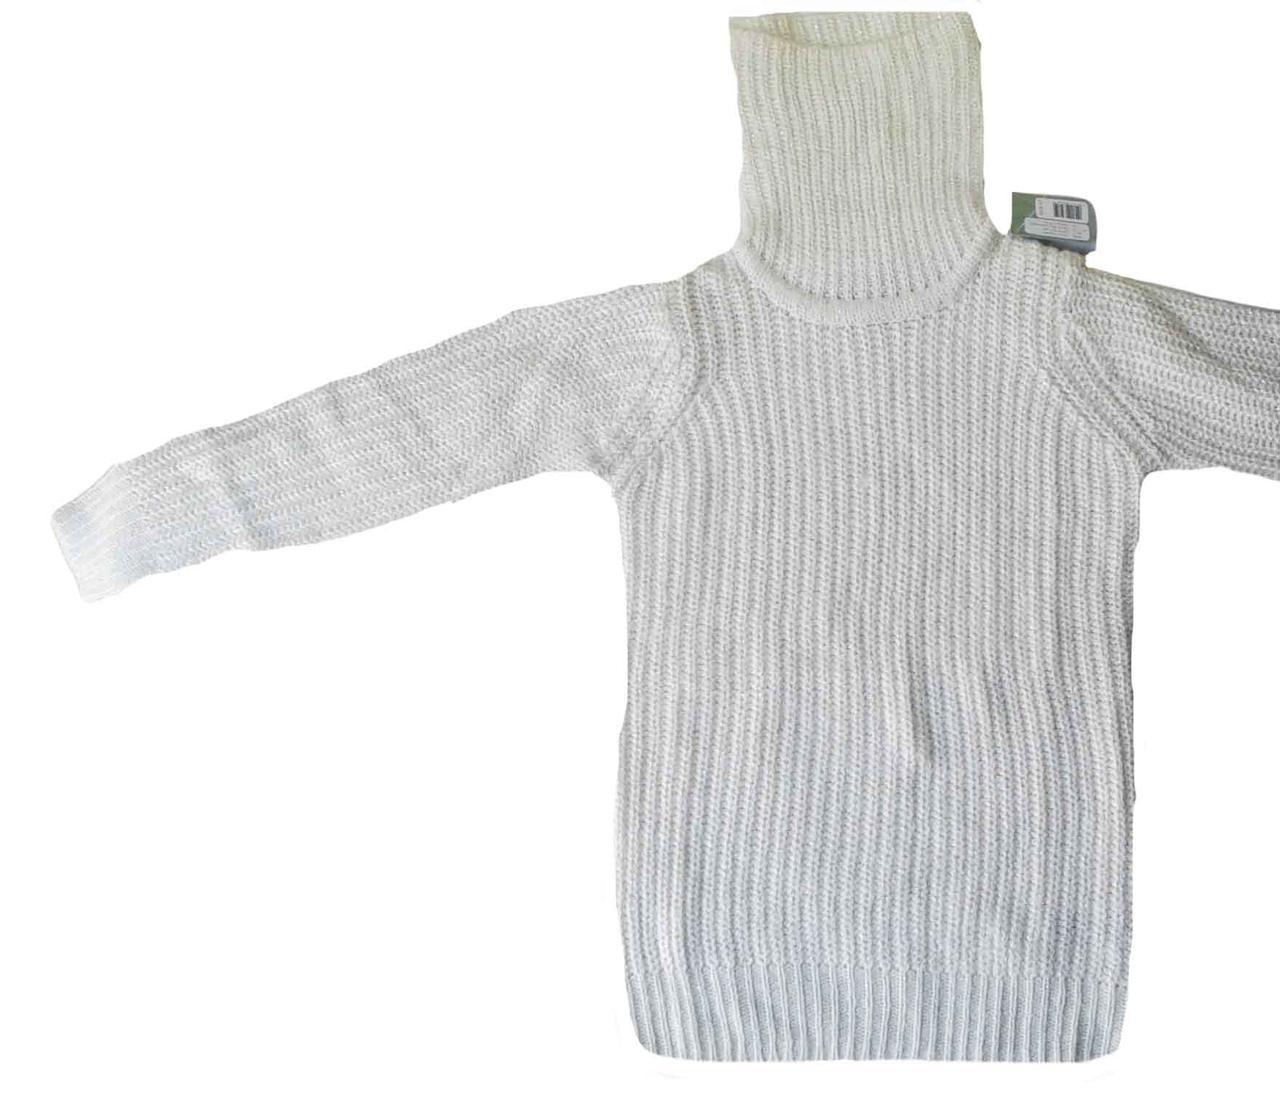 Кофта-гольф вязаная для девочки, Pepperts, размеры 134/140, арт. Л-511-2